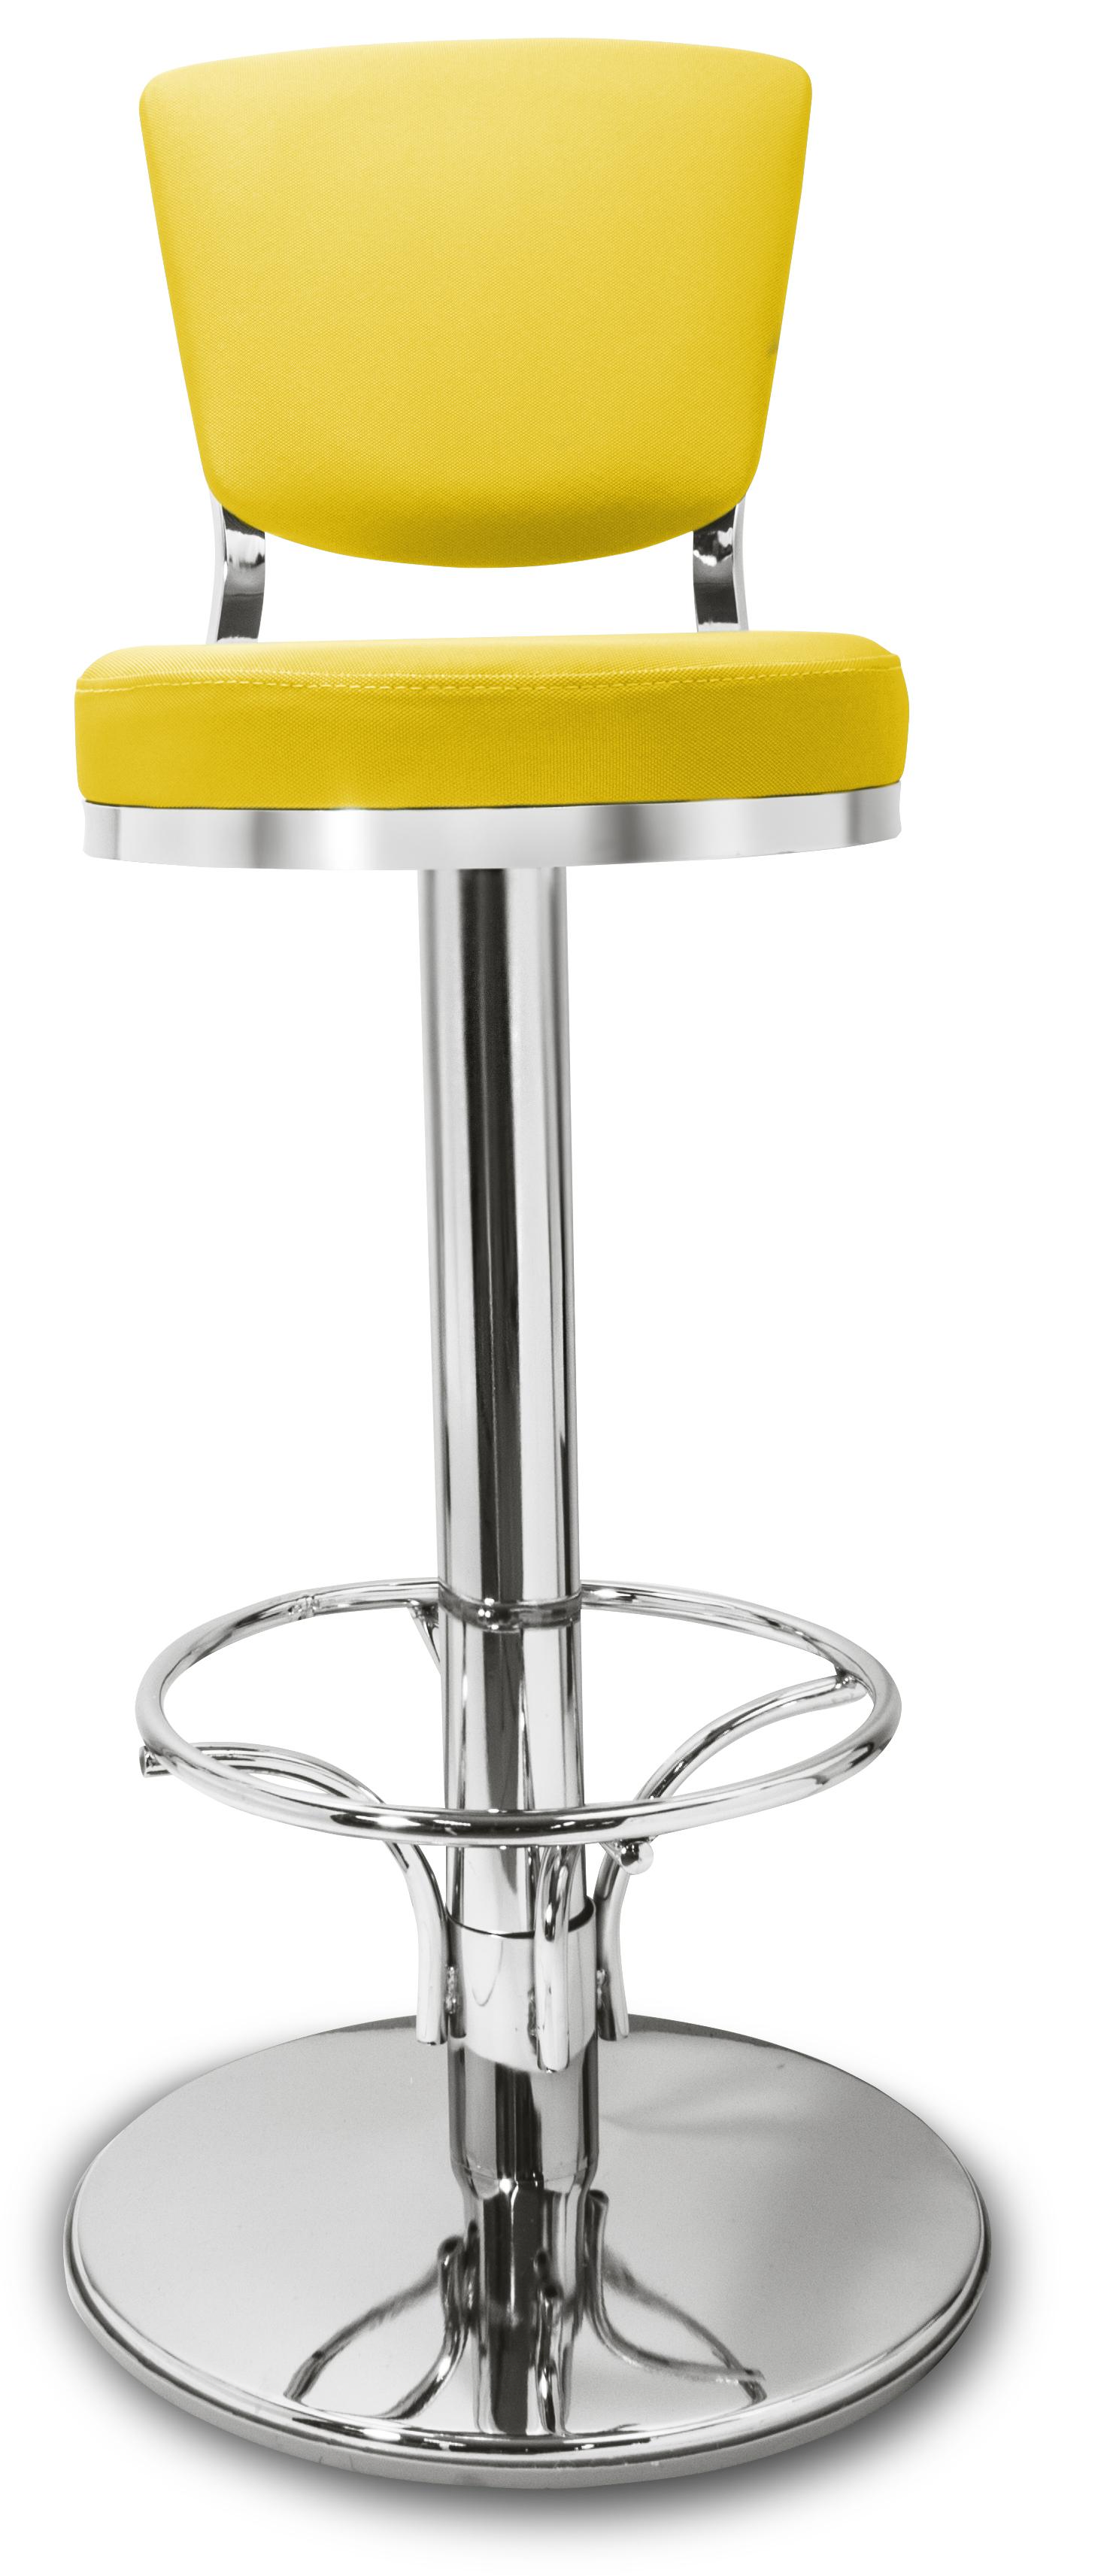 Gastronomie cafe barhocker lindo gelb mit r ckenlehne for Barhocker gelb